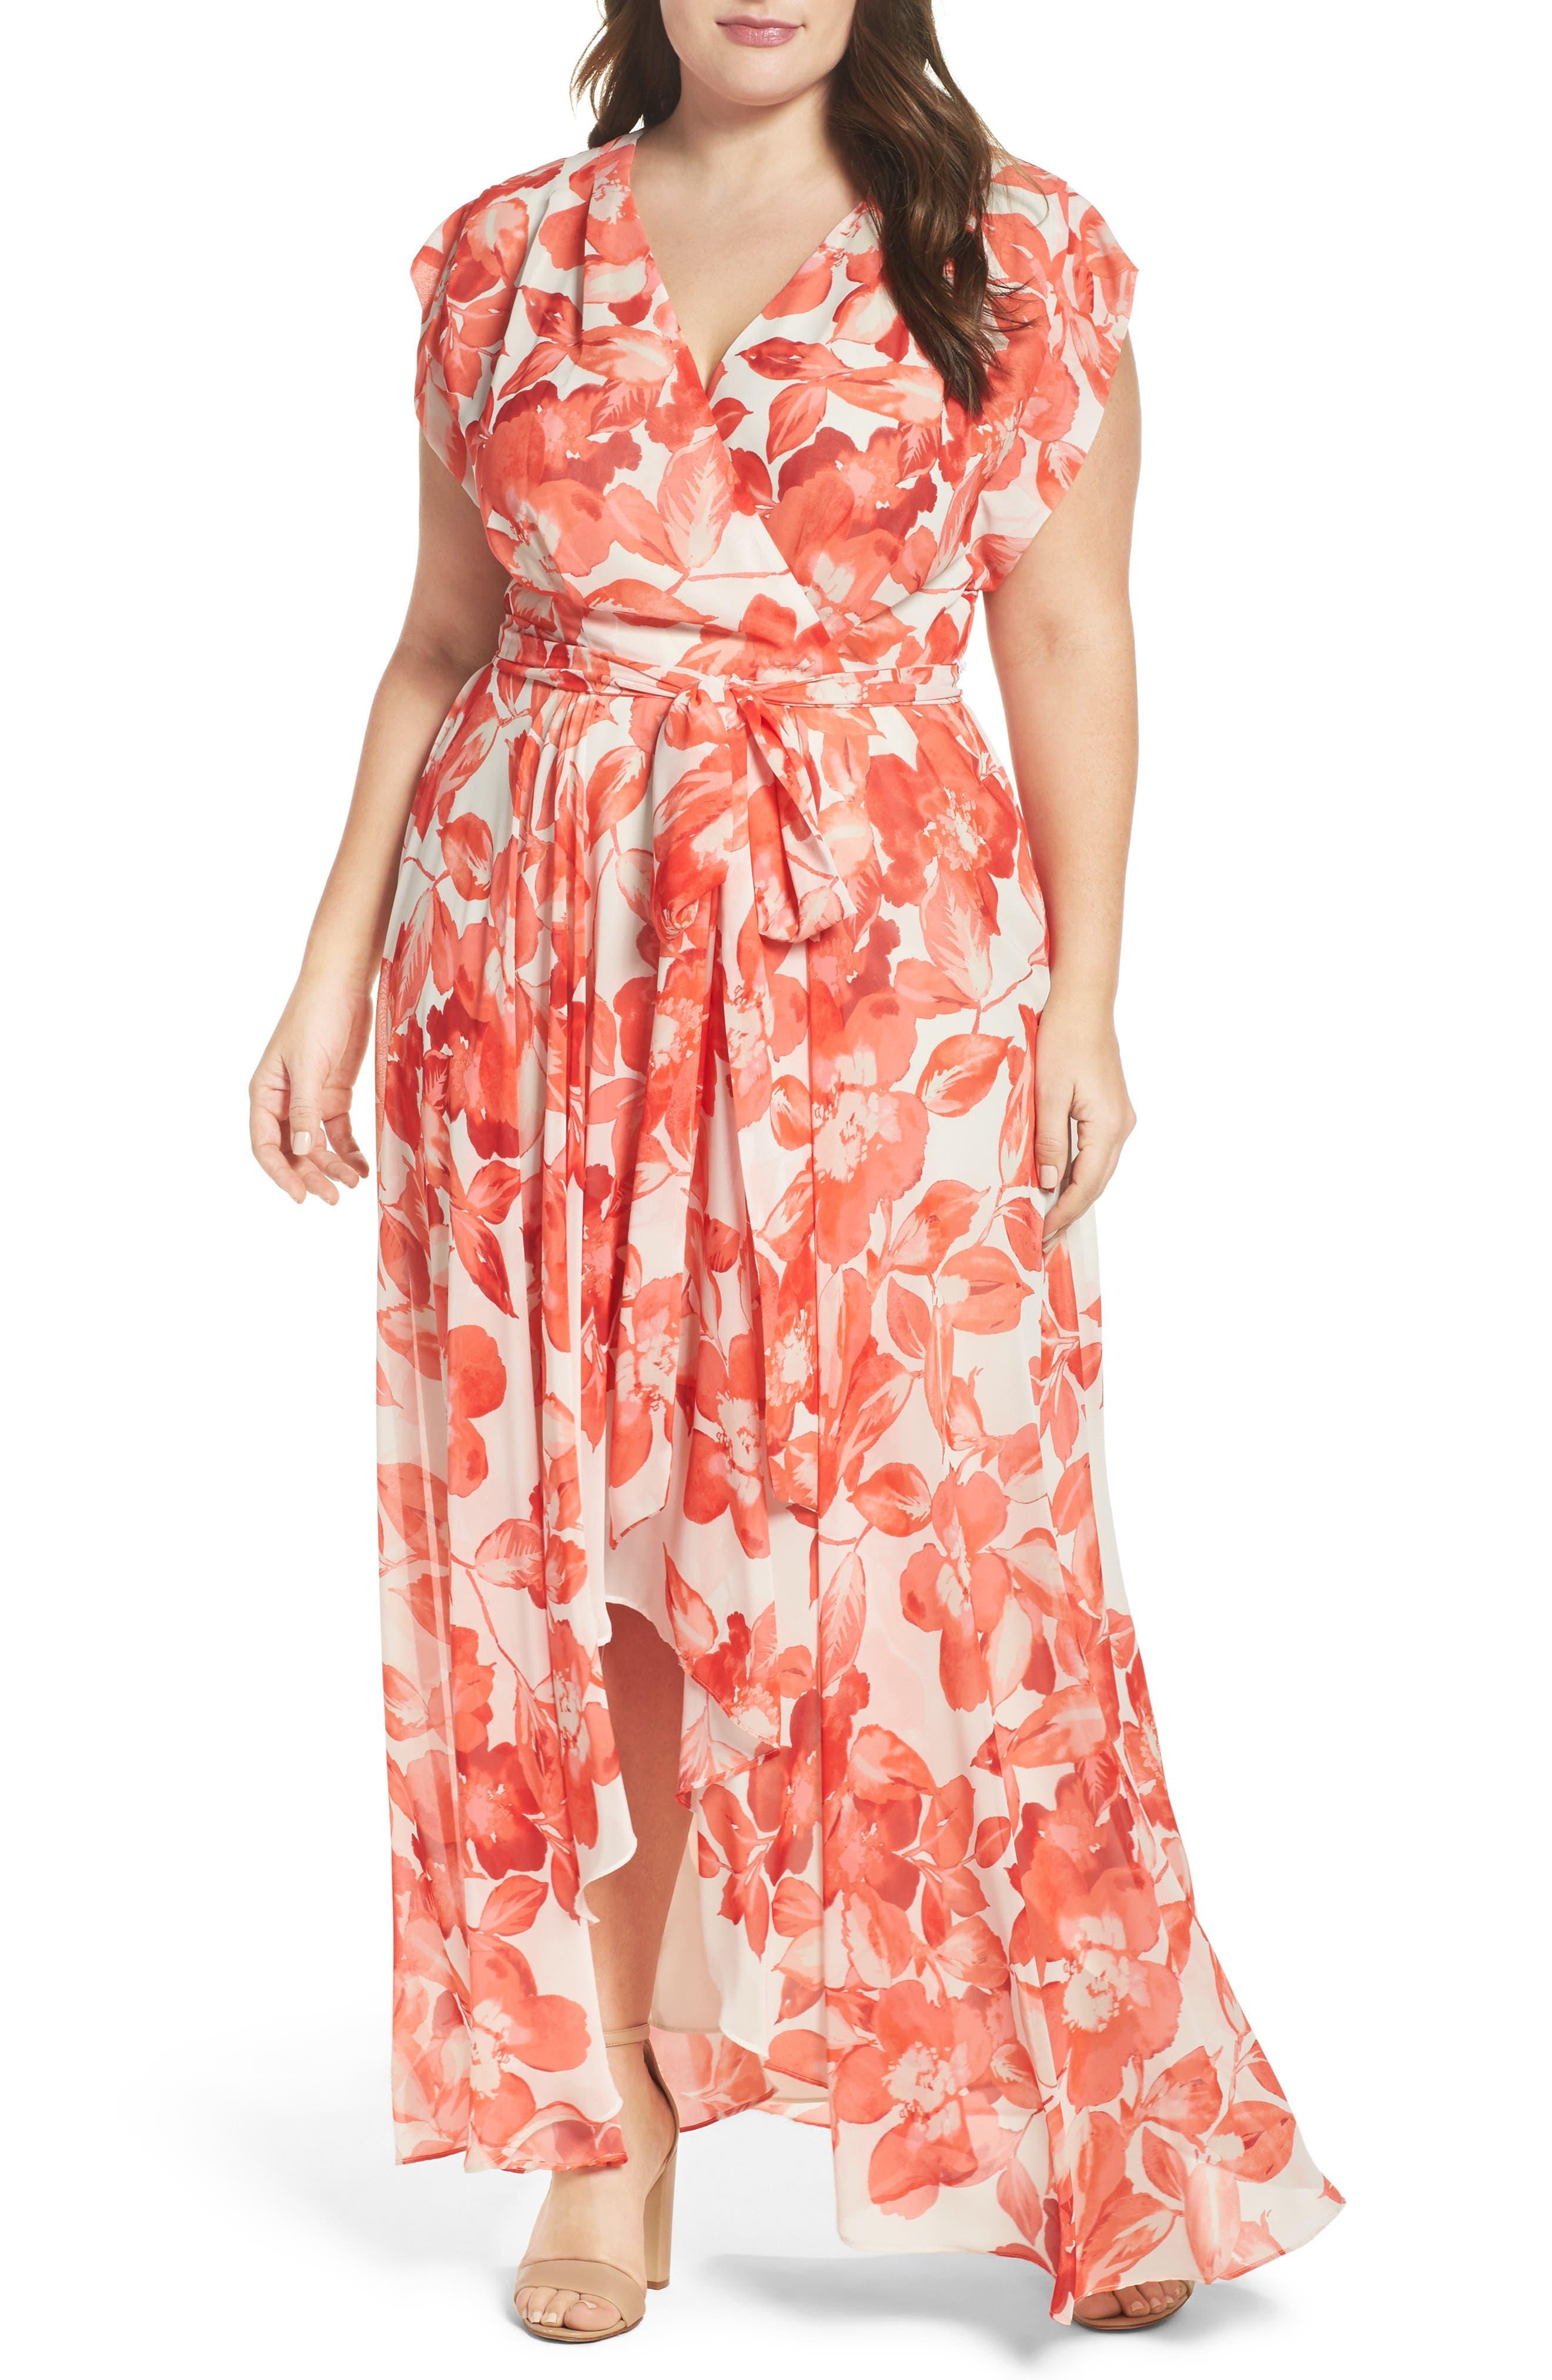 Plus Size Eliza J Floral Chiffon High/low Maxi Dress